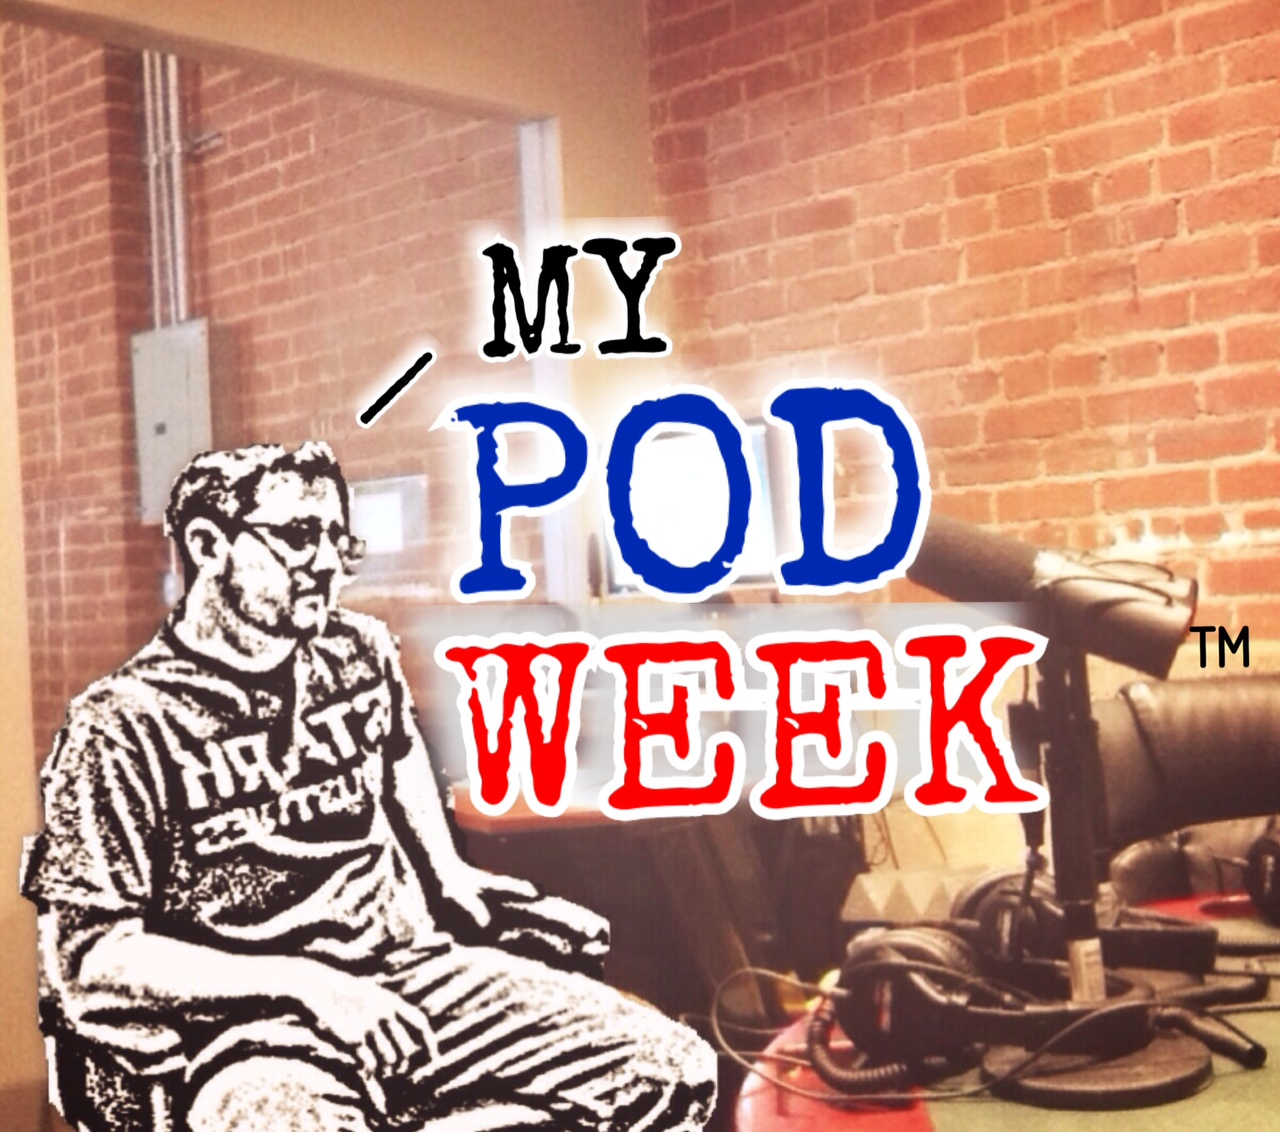 My Pod Week: Week ending 6/29/14